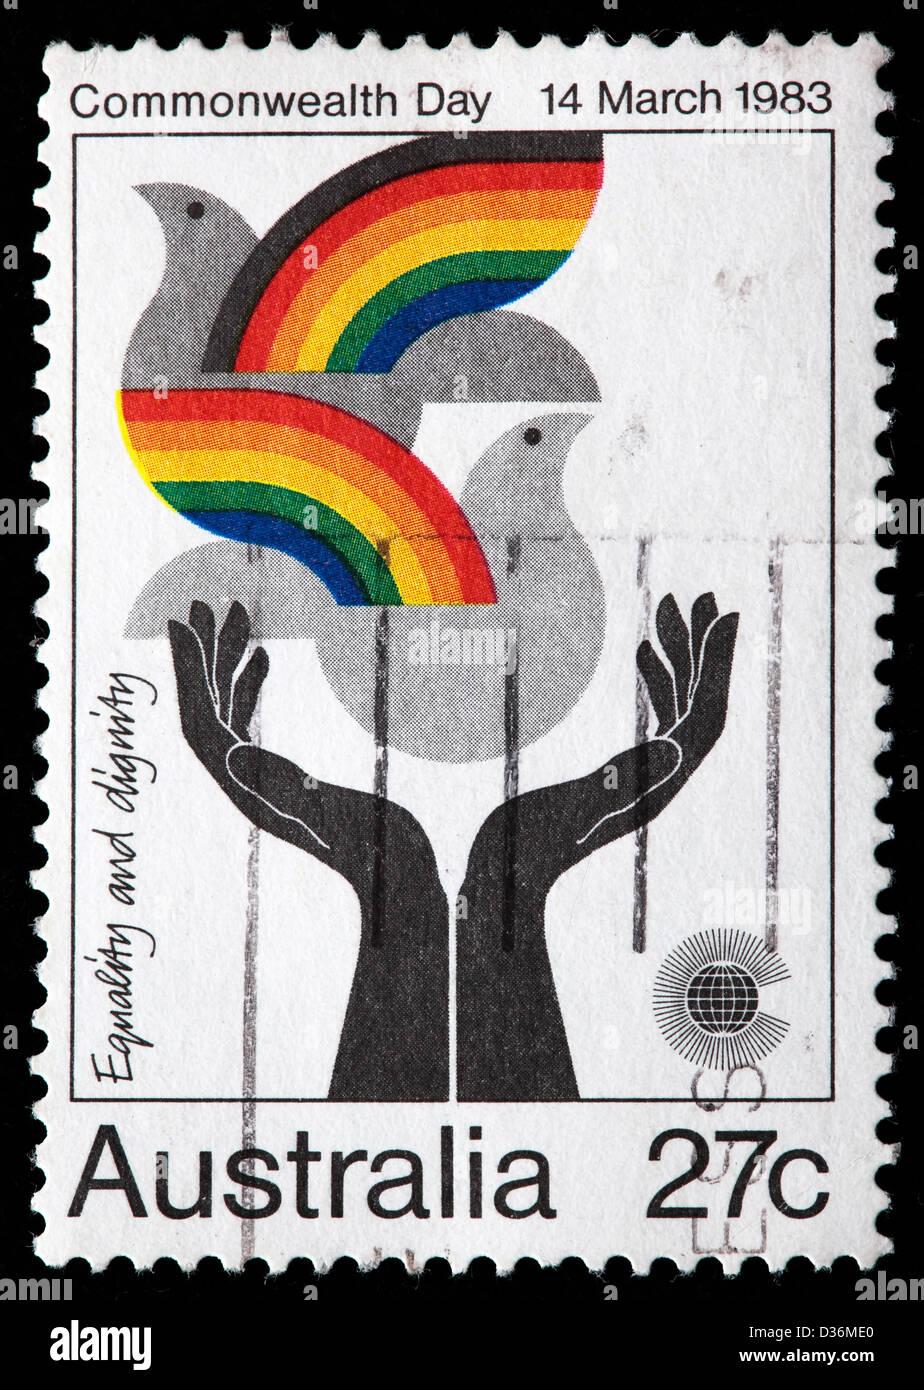 Gleichheit und Menschenwürde, Commonwealth-Tag, Briefmarke, Australien, 1983 Stockbild